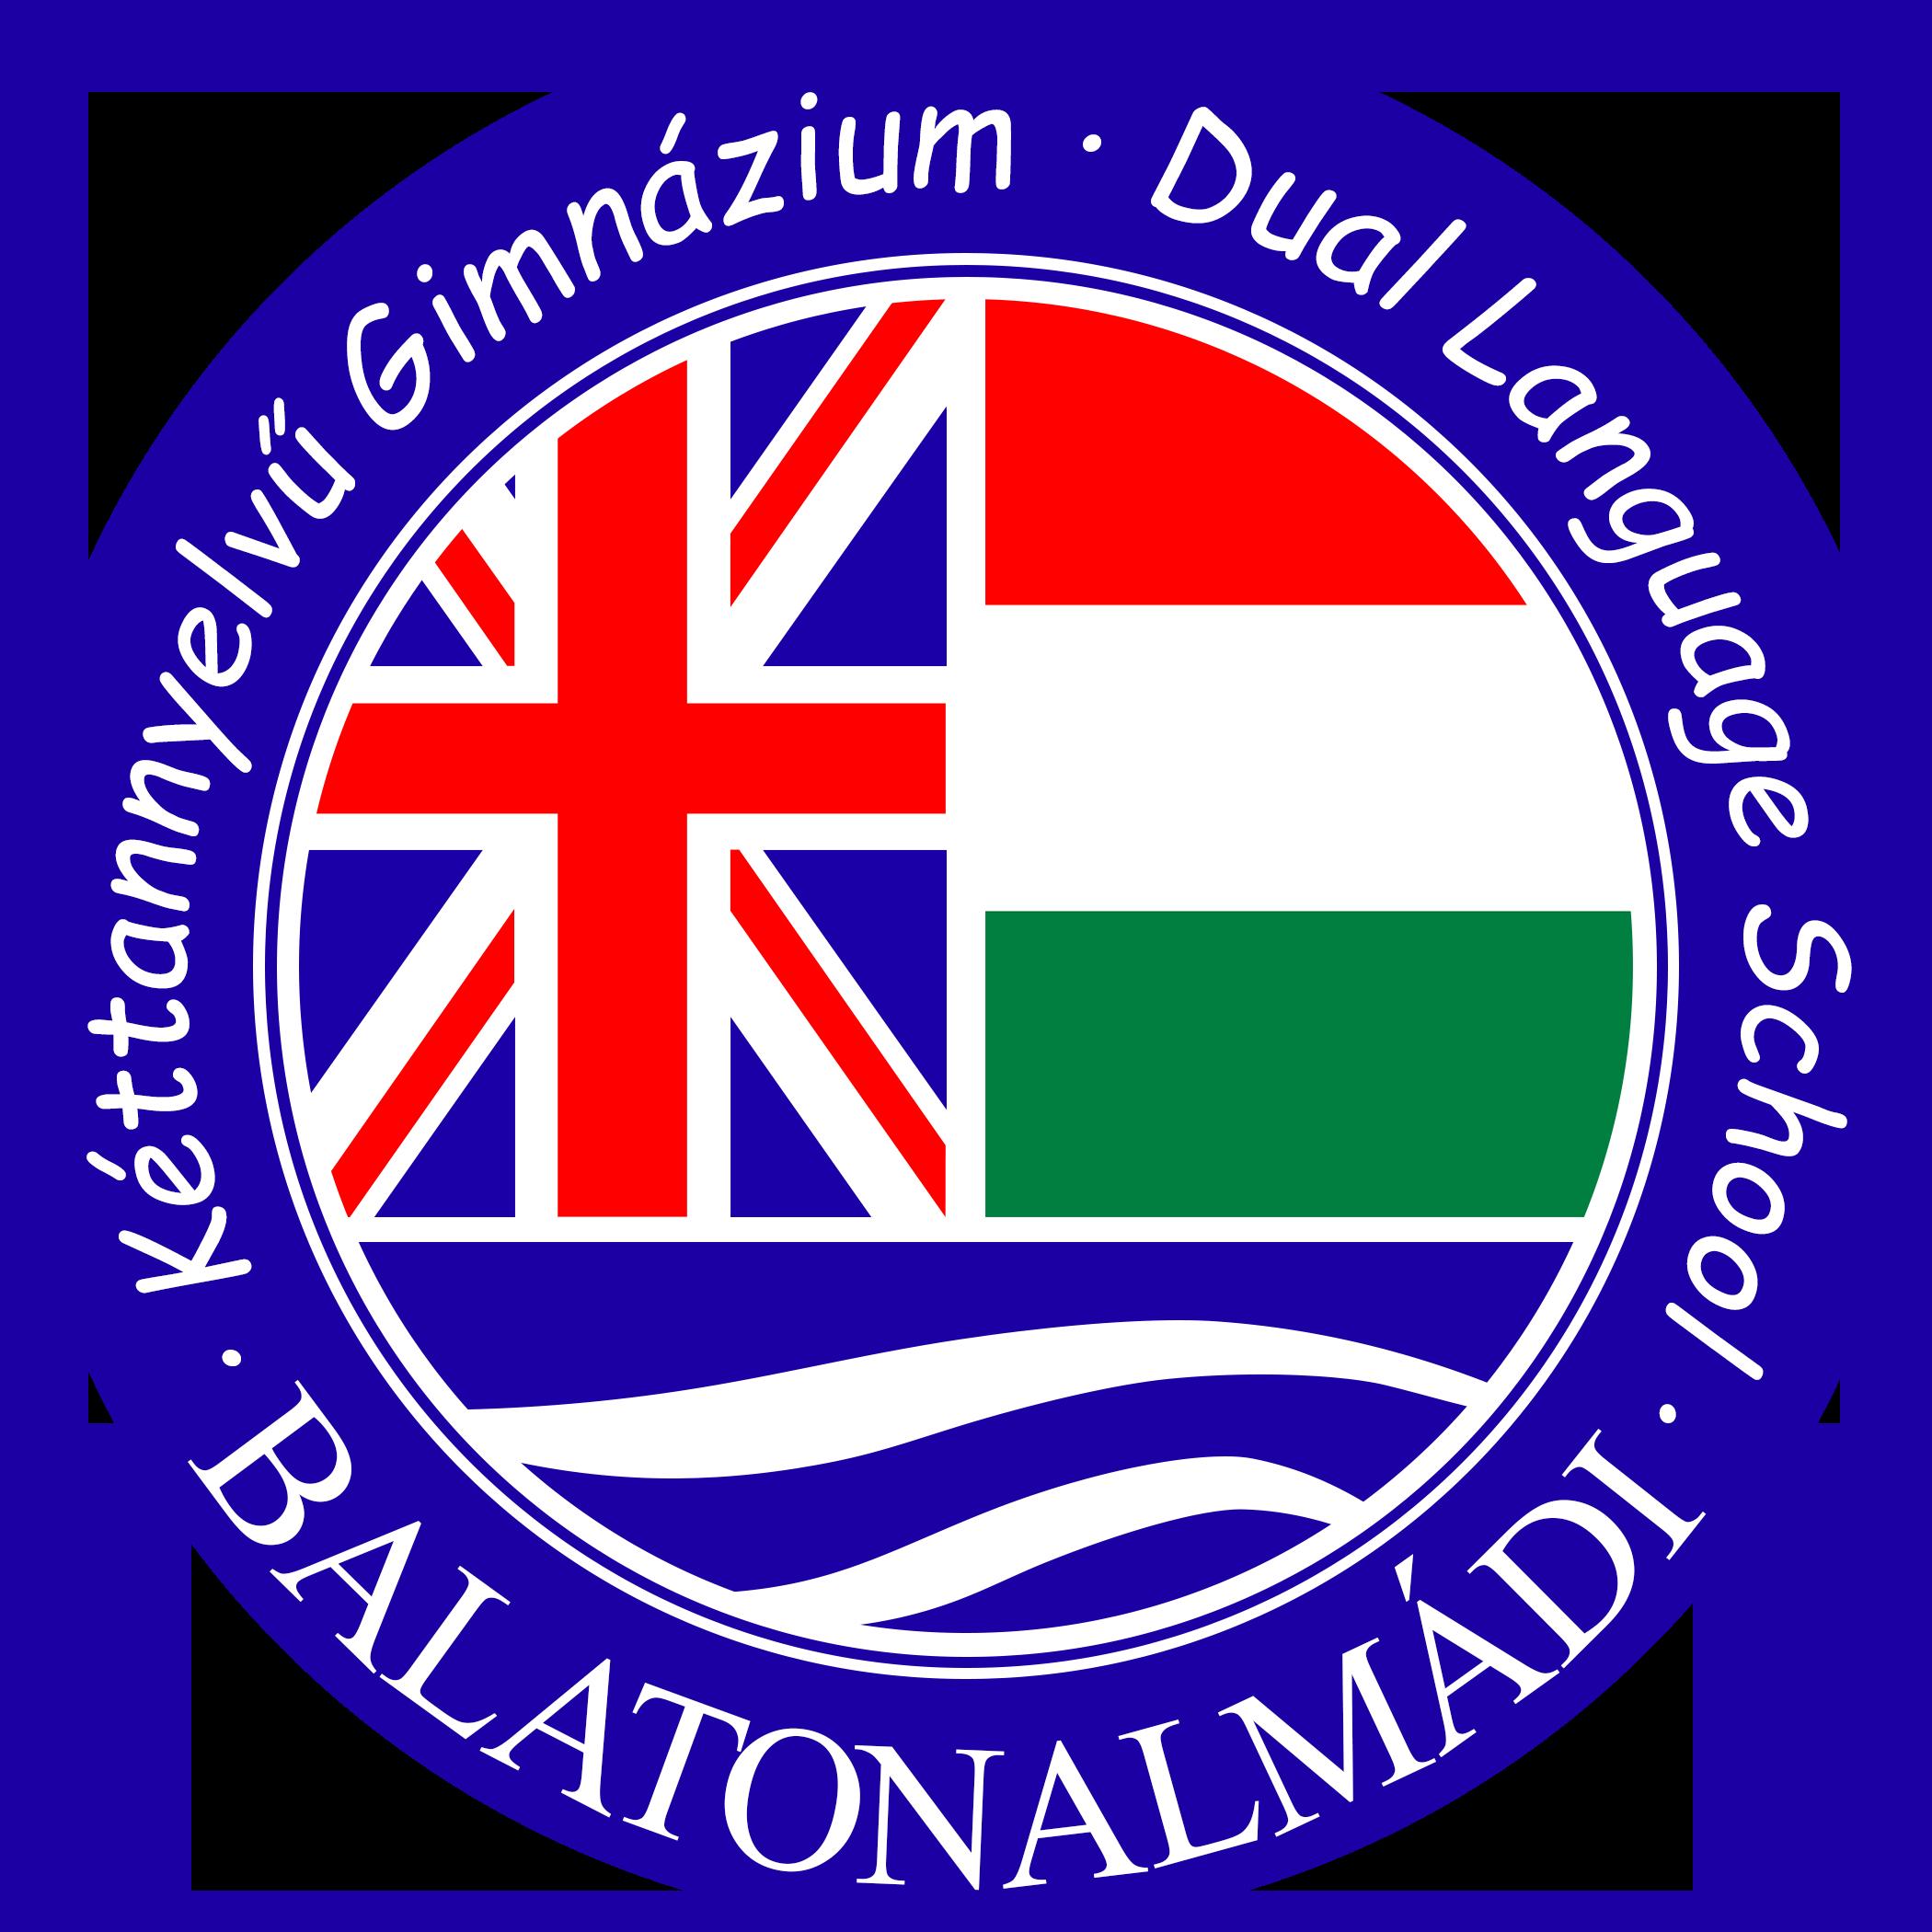 Magyar-Angol Tannyelvű Gimnázium és Kollégium Balatonalmádi